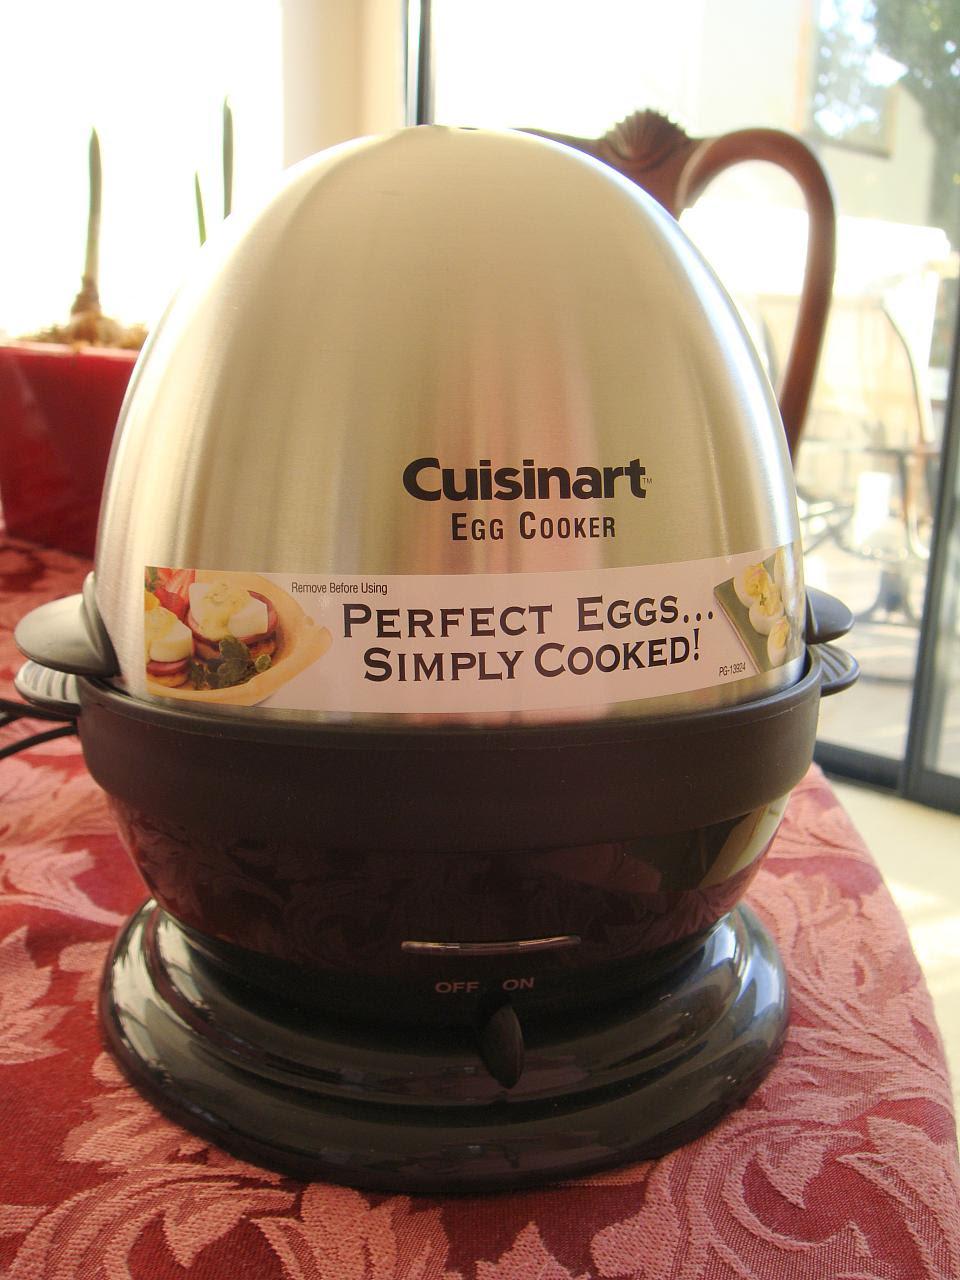 Cuisinart Egg Cooker